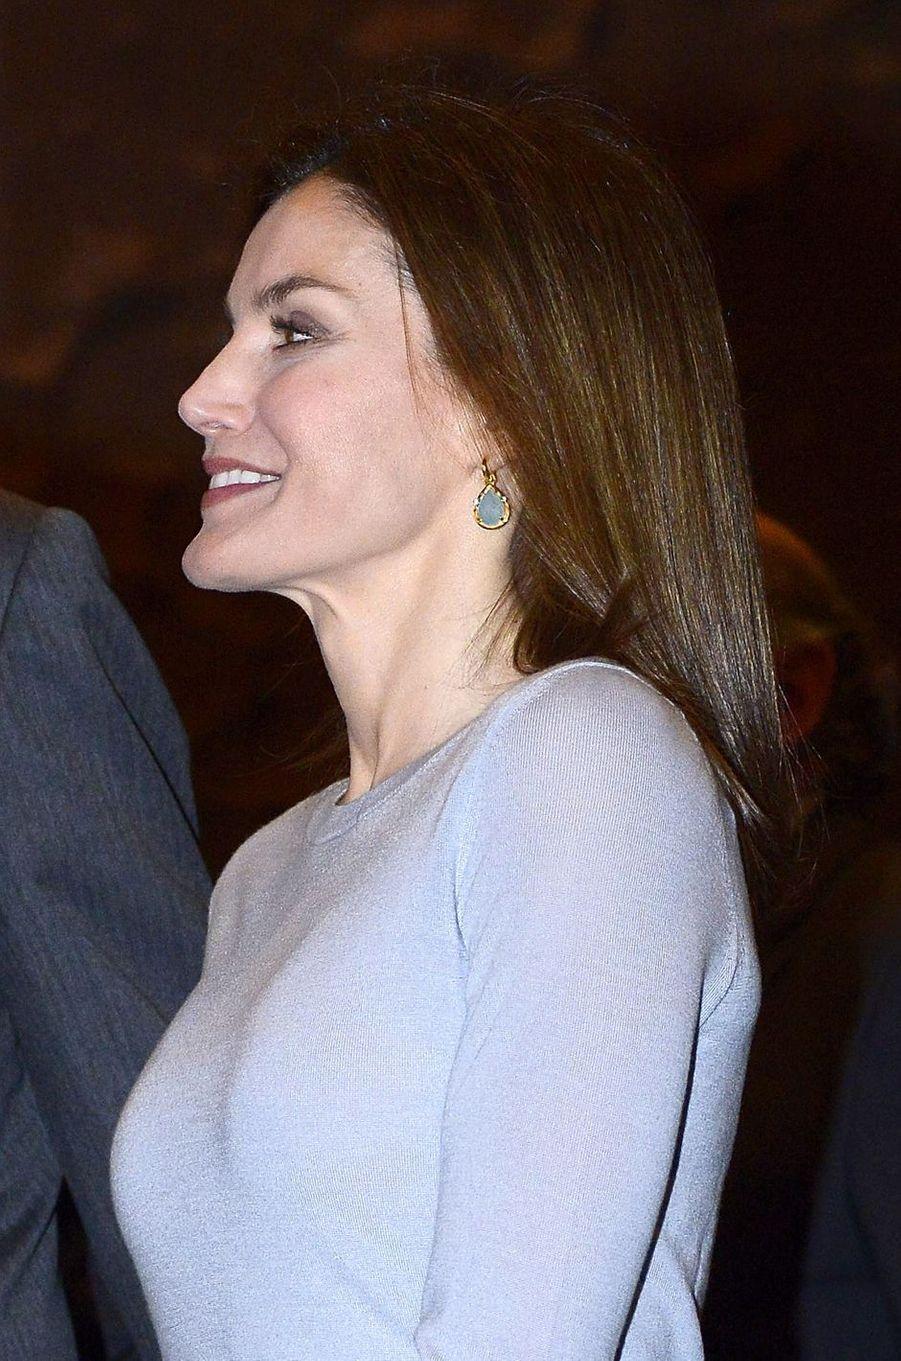 Les boucles d'oreille solidaires de la reine Letizia d'Espagne à Madrid, le 10 avril 2018